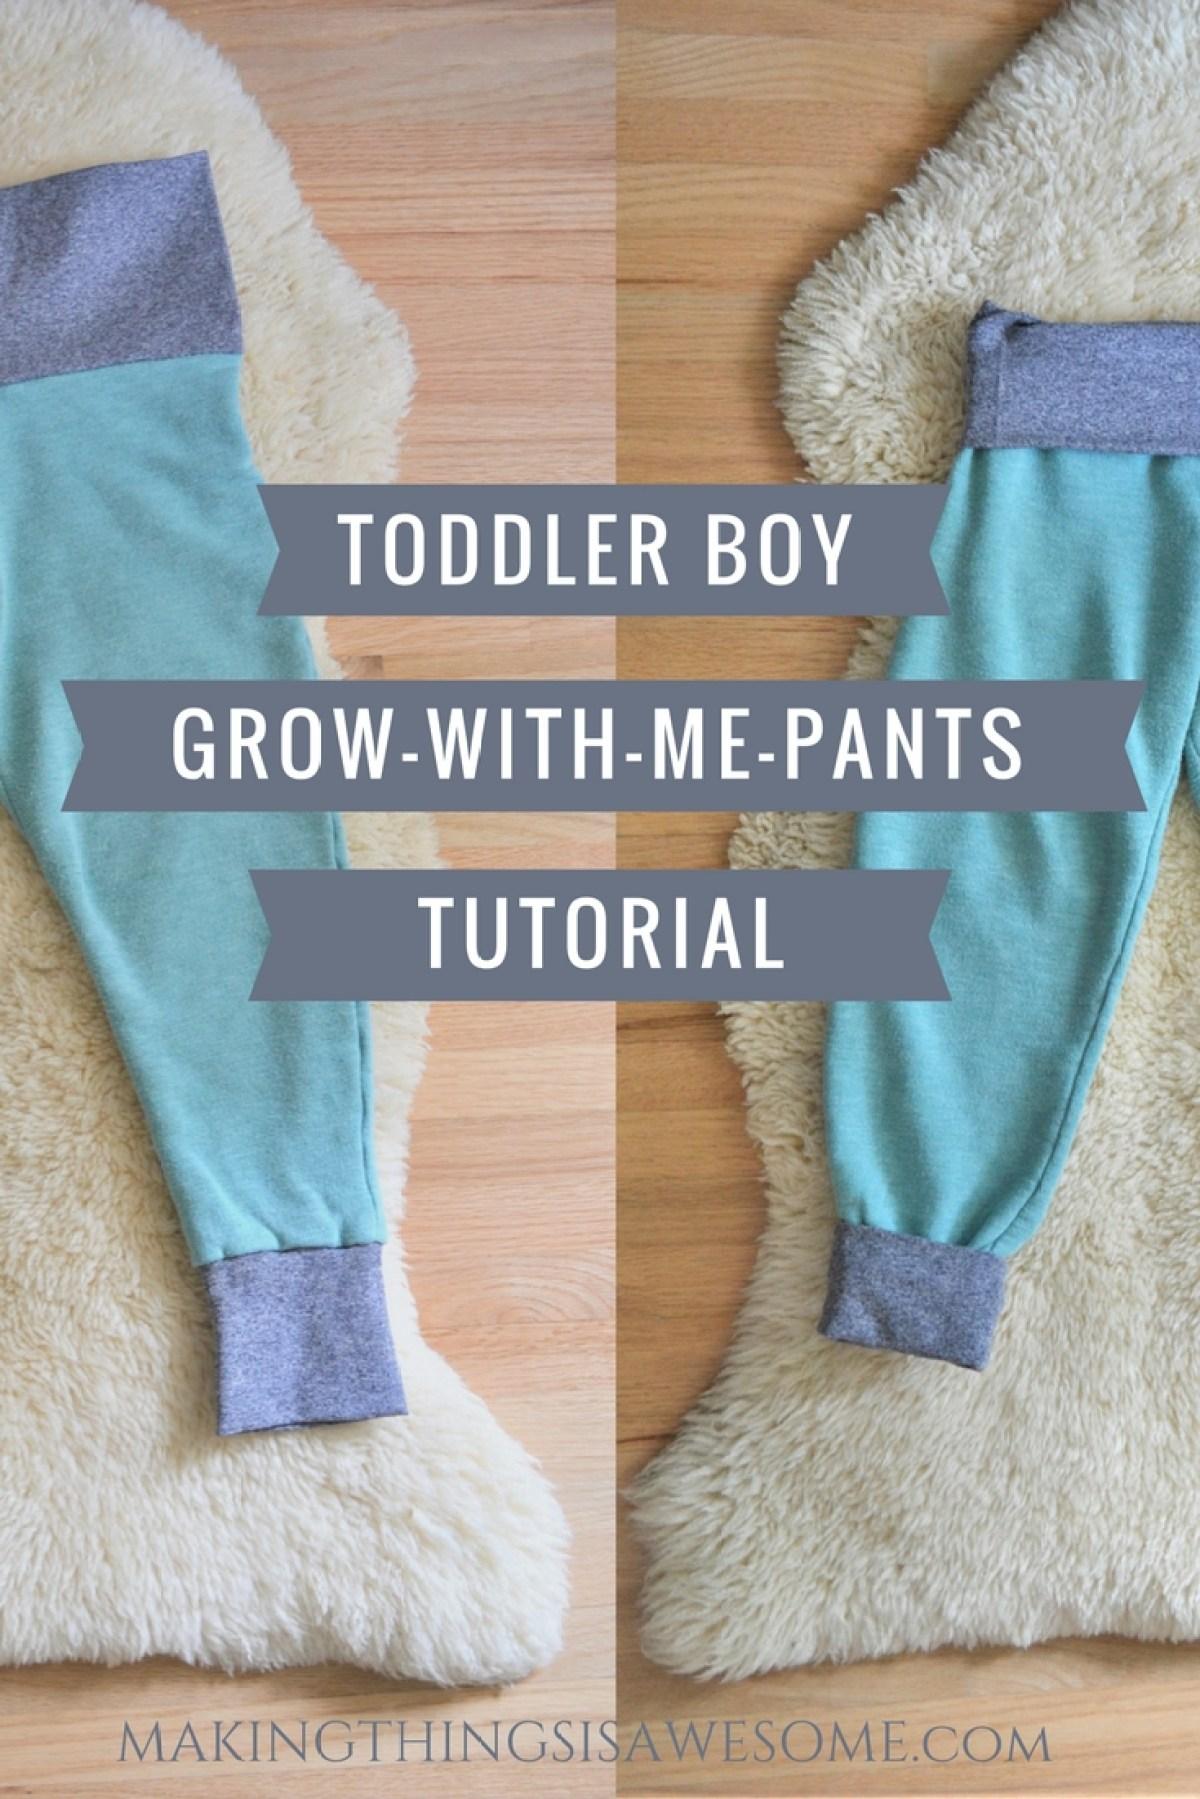 Toddler Boy Grow-with-me-pants Tutorial